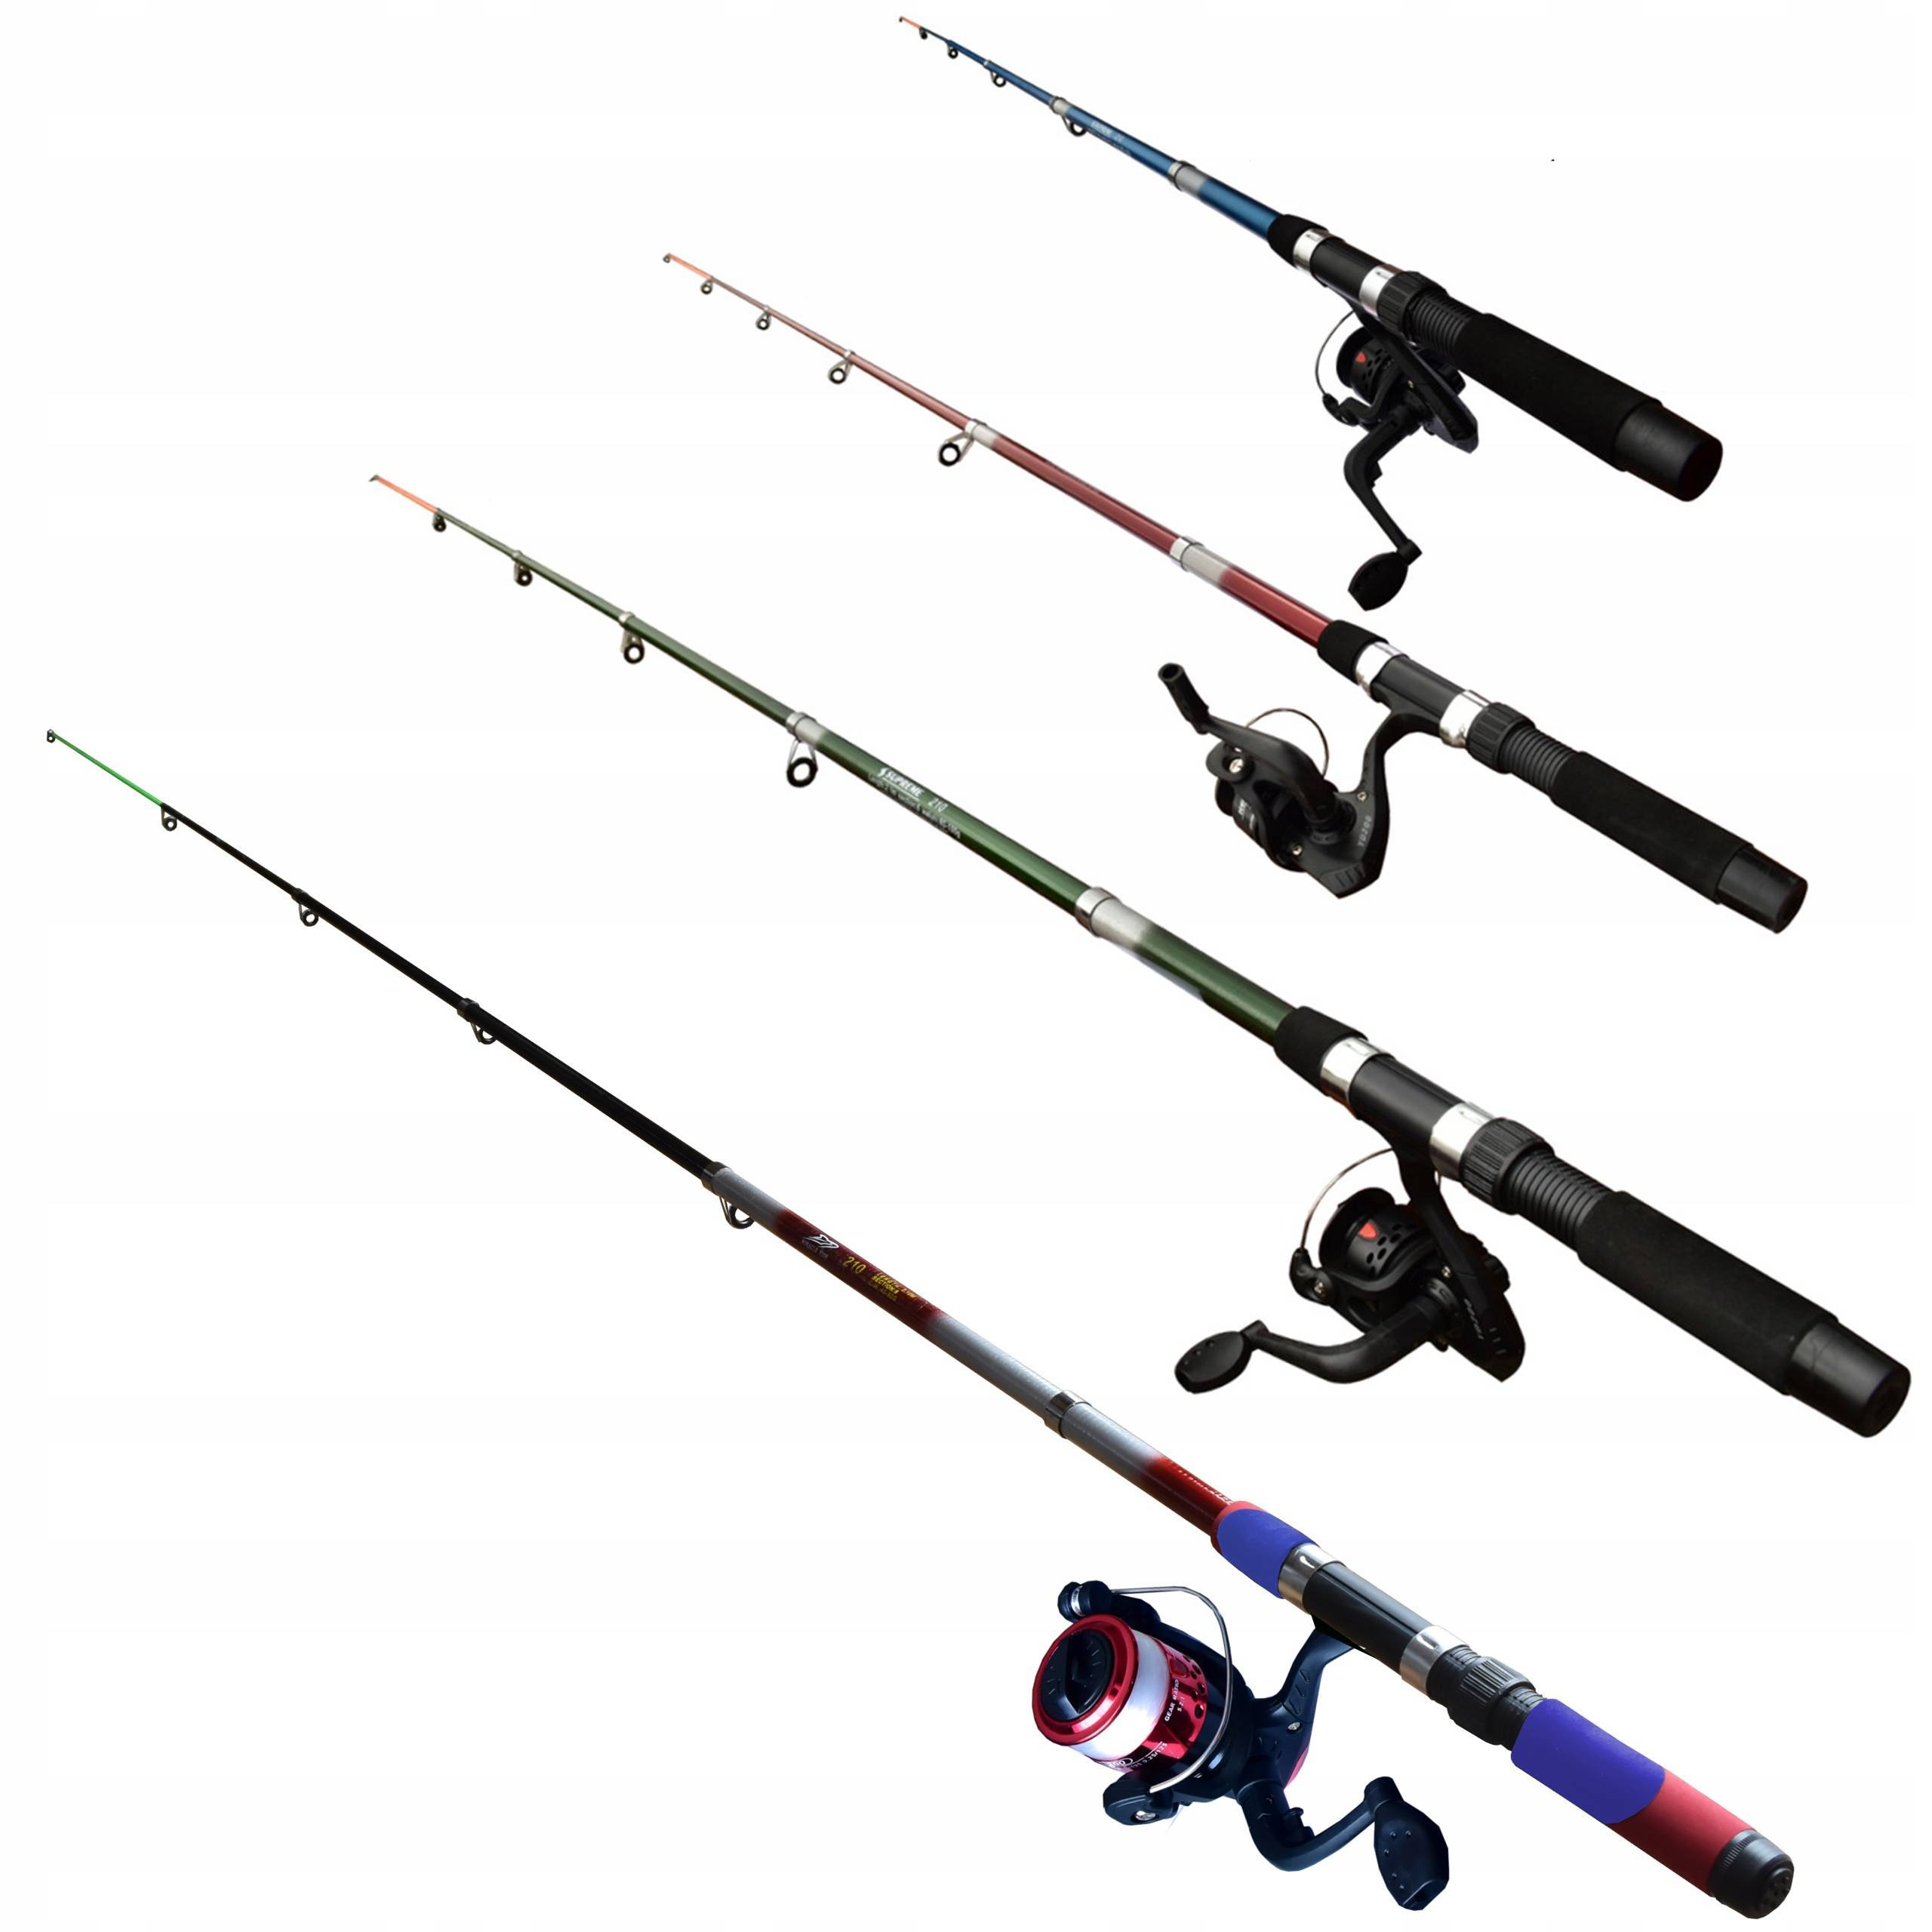 Выбор удочки для рыбалки для начинающих - поплавочная удочка, фидер, спиннинг